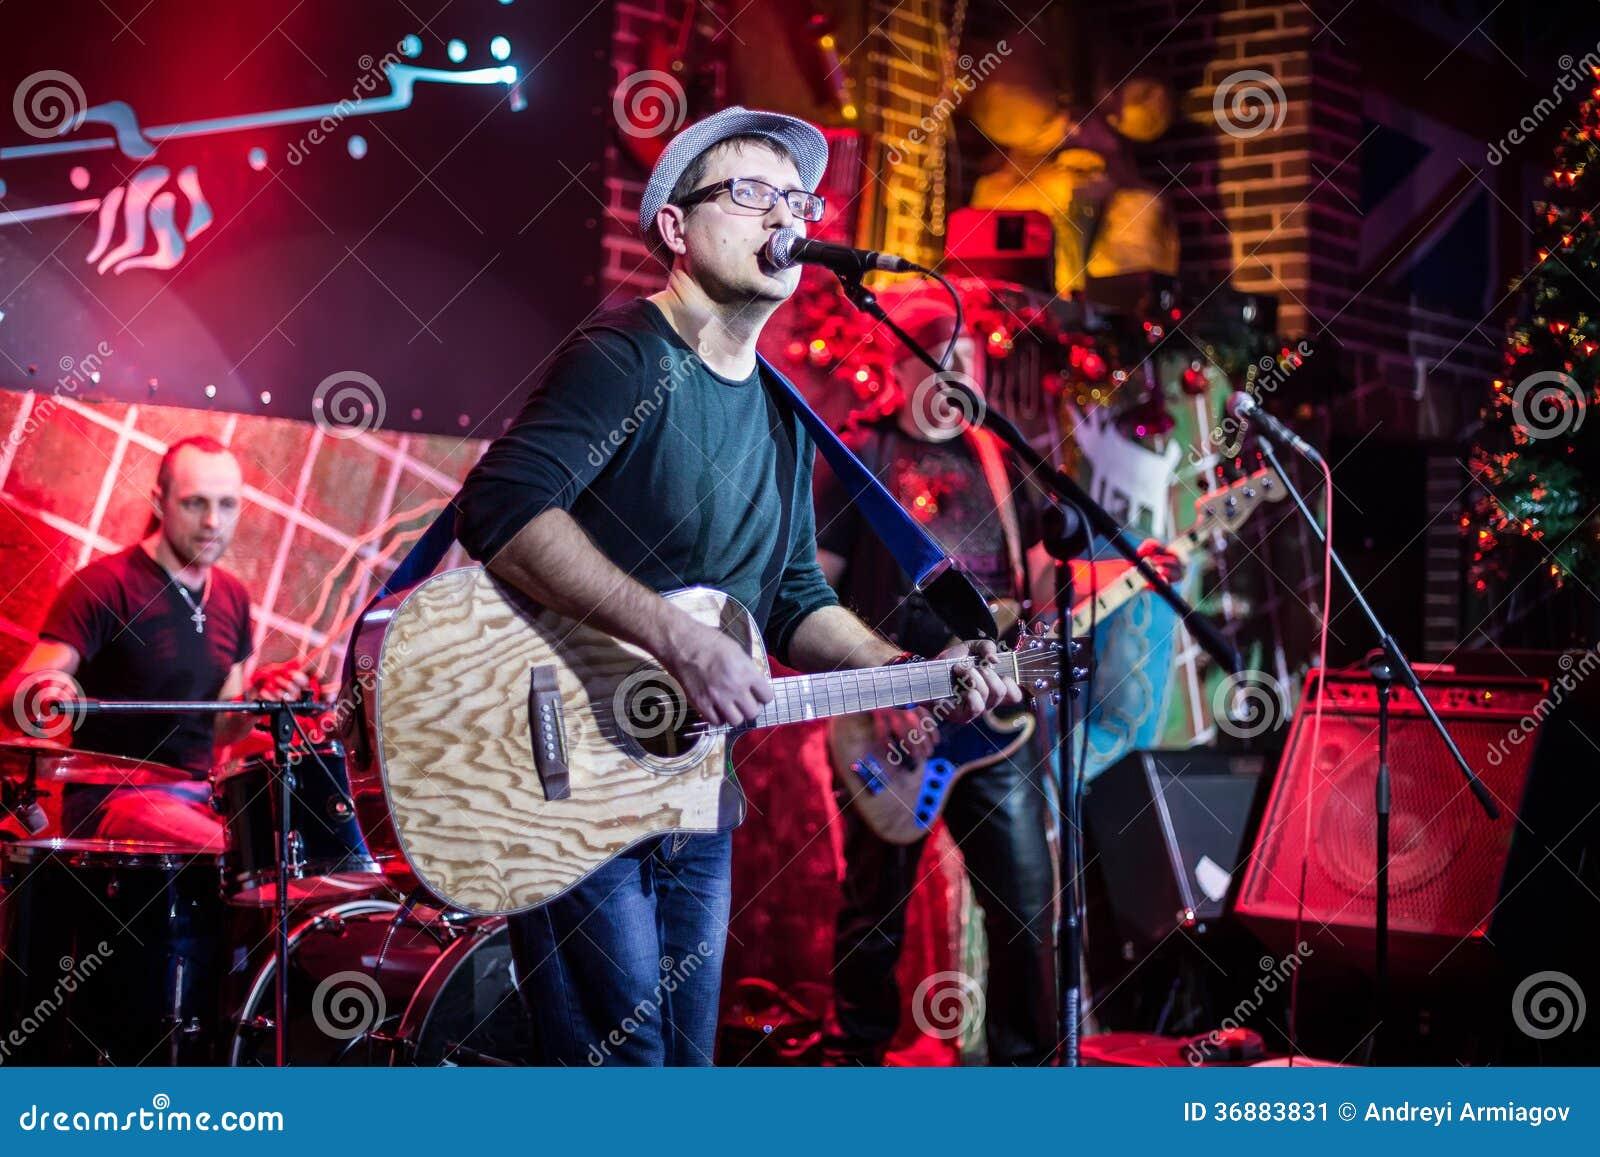 Download La banda esegue in scena immagine stock. Immagine di esecutore - 36883831